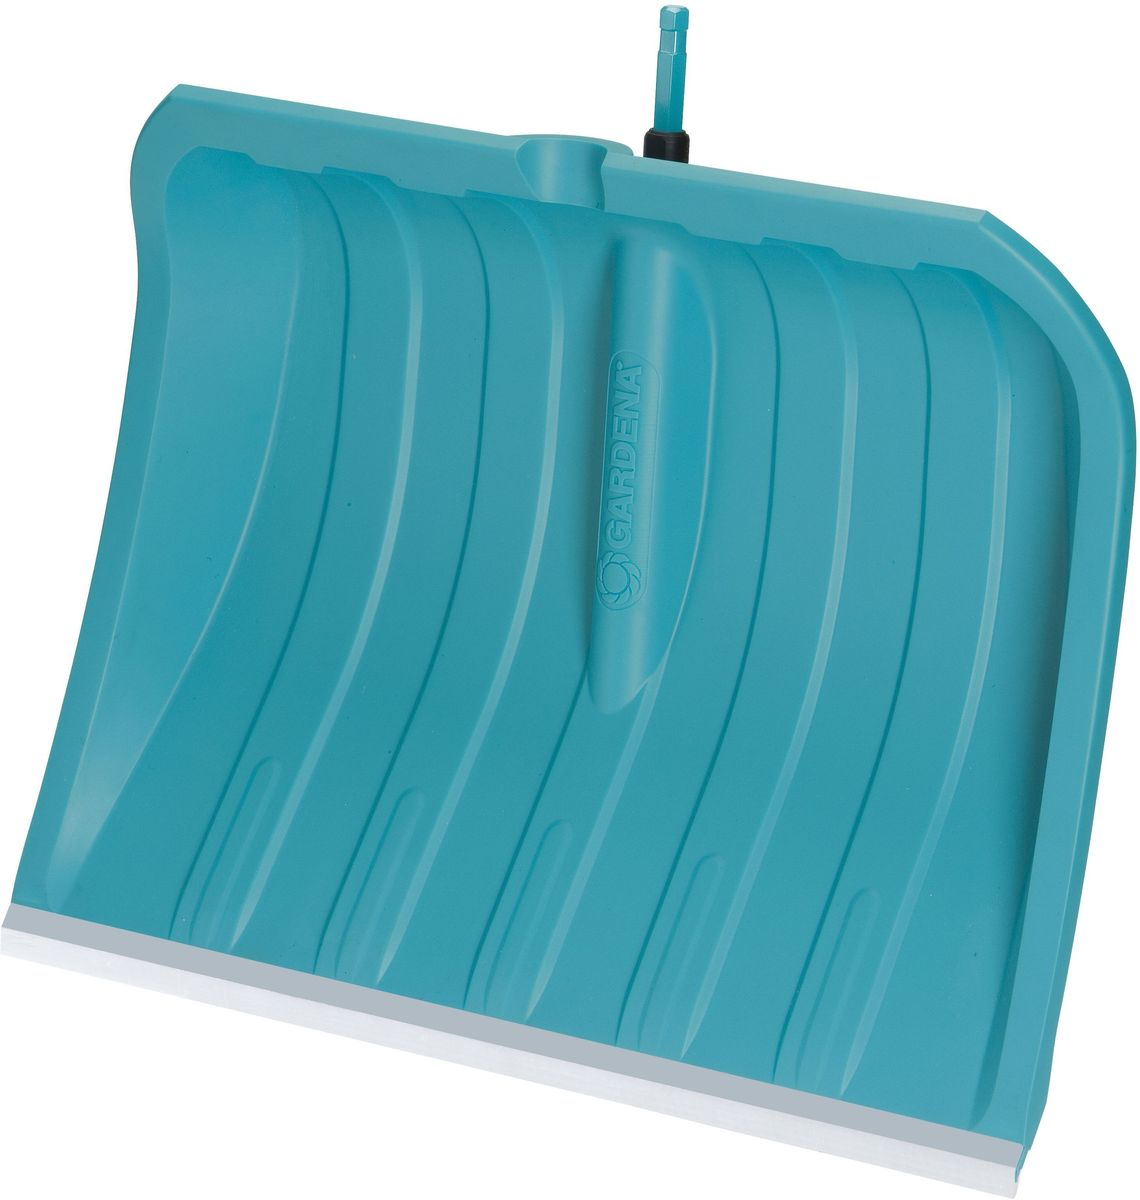 Лопата для уборки снега Gardena, со съемной ручкой, ширина 50 см191413Лопата для уборки снега Gardena имеет особо прочную кромку из нержавеющей стали. Этим инструментом удобно очищать асфальтные и бетонные поверхности от снега. Полотно лопаты изготовлено из пластика и устойчиво к воздействию солей и низких температур до -40°. Более простая и комфортная работа за счет гладкой поверхности полотна - не налипает снег, улучшенное скольжение. Изделие оснащено съемной ручкой Gardena, выполненной из ясеня и алюминия. Конструкция ручки включает в себя стопорный винт, благодаря которому достигается надежная фиксация инструмента. Форма ручки в виде конуса облегчает использование ручки во время работы и предотвращает ее выскальзывание.Длина ручки: 150 см.Ширина рабочей части лопаты: 50 см.